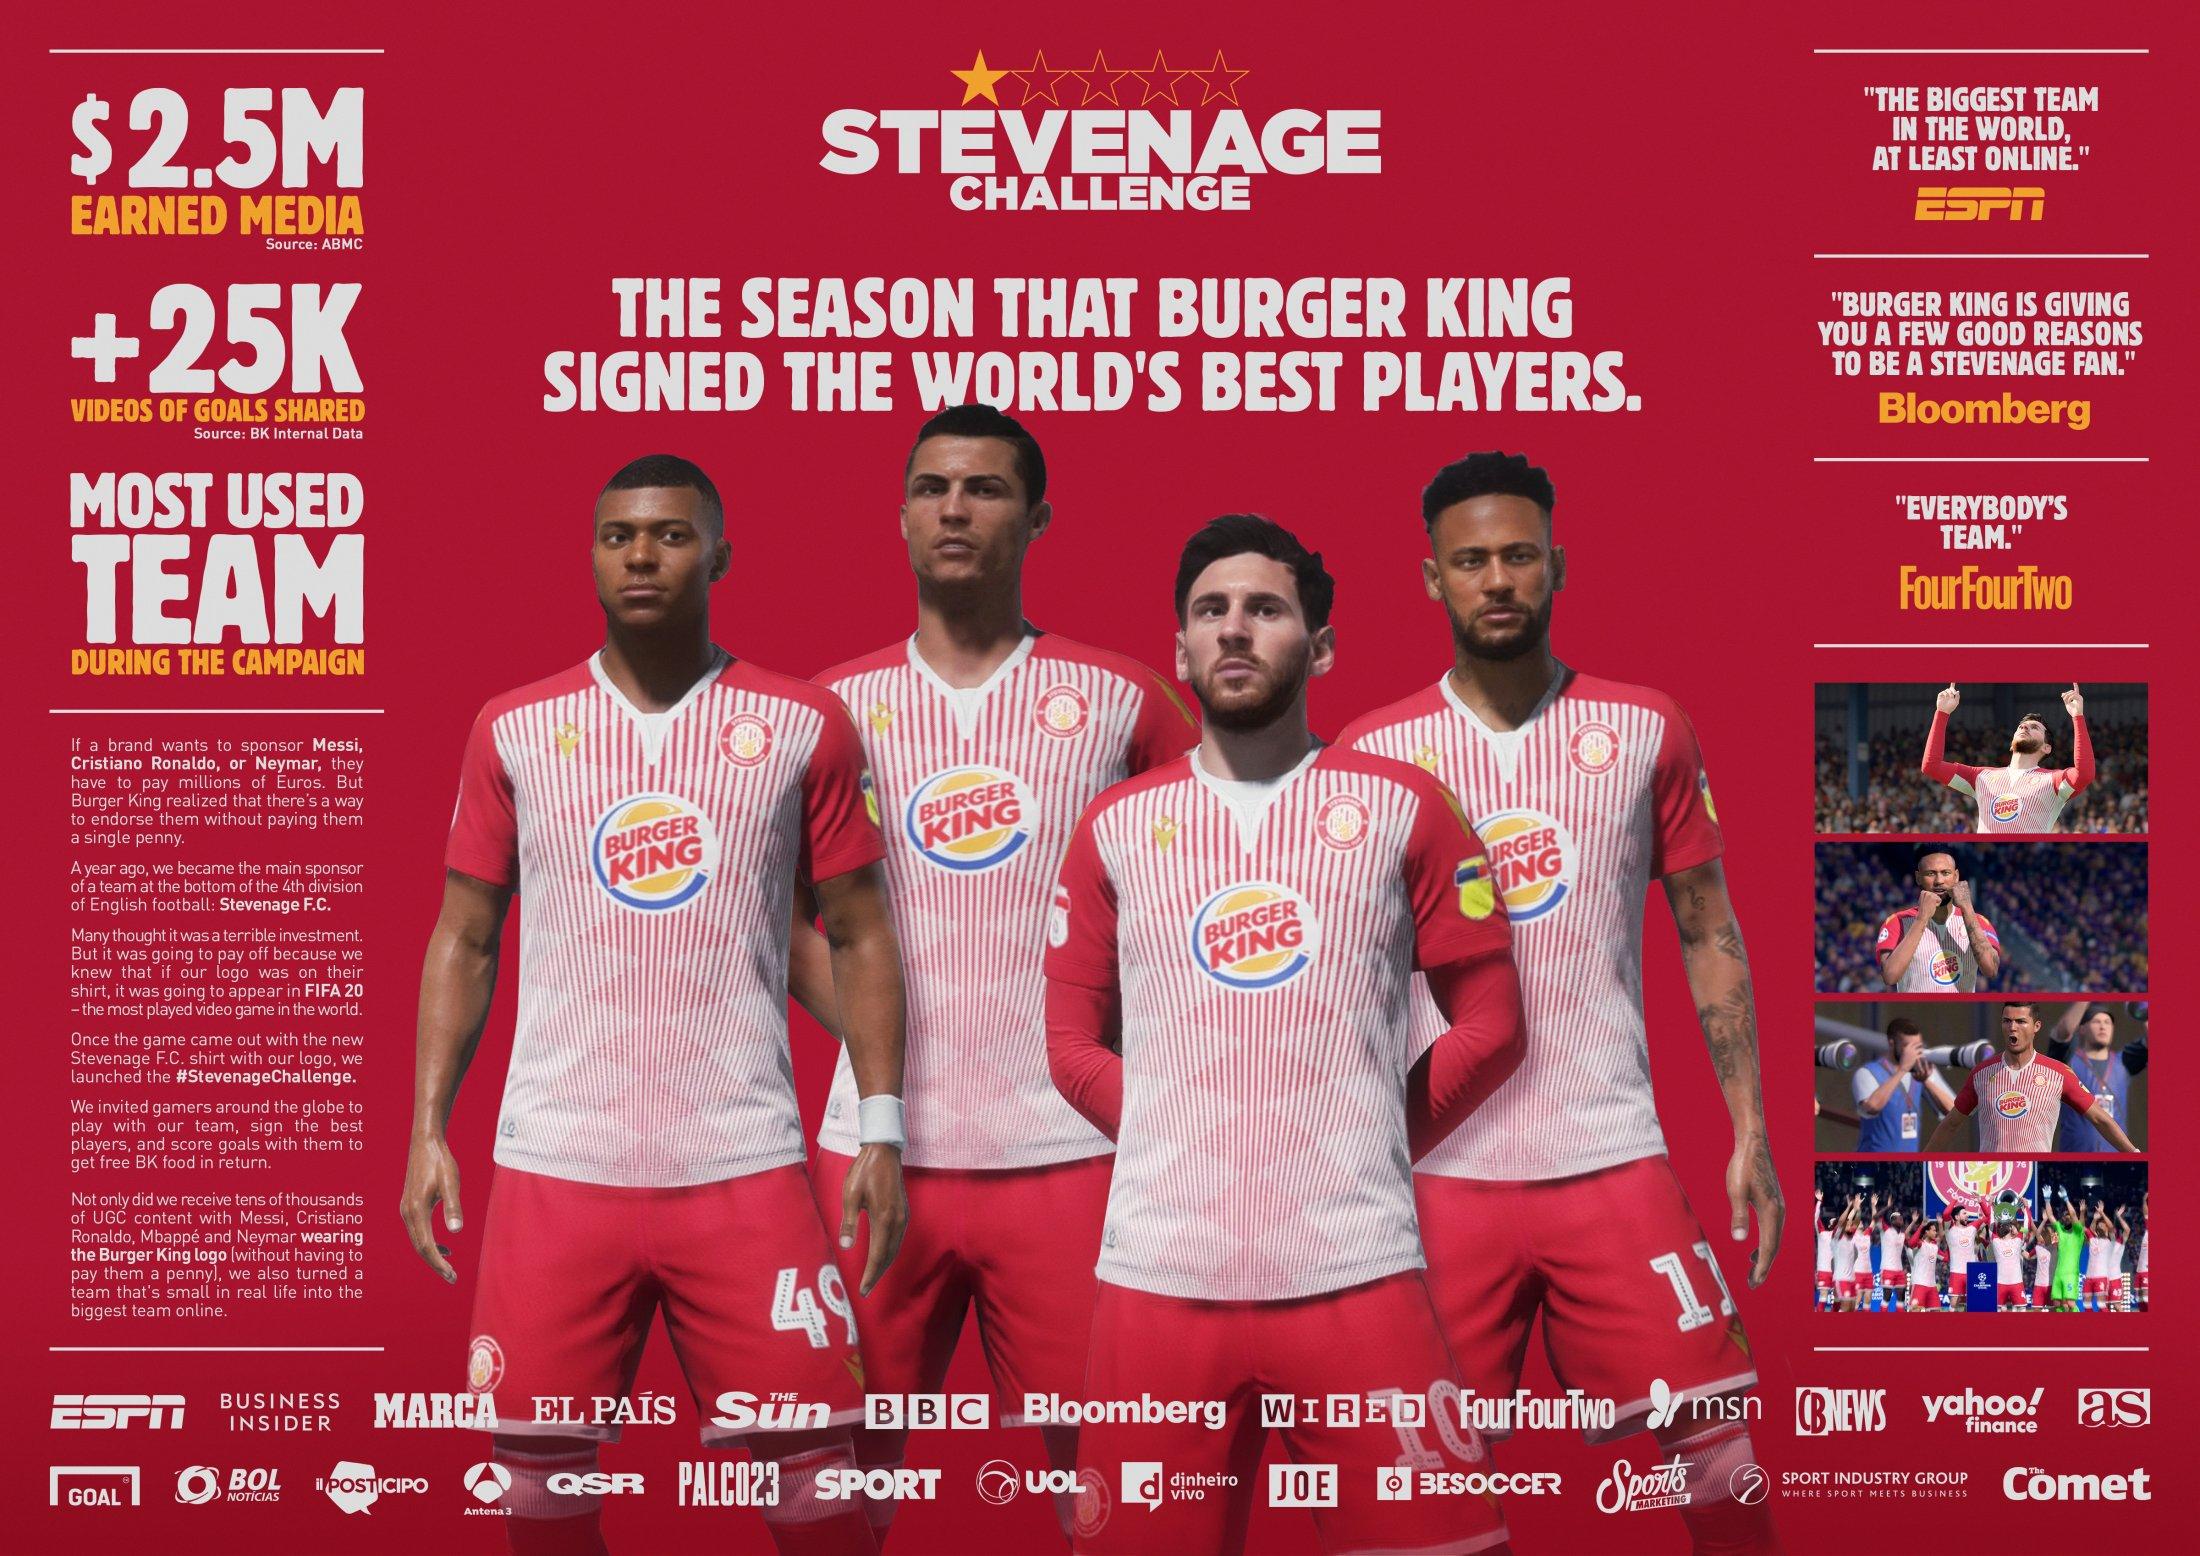 Thumbnail for Stevenage Challenge